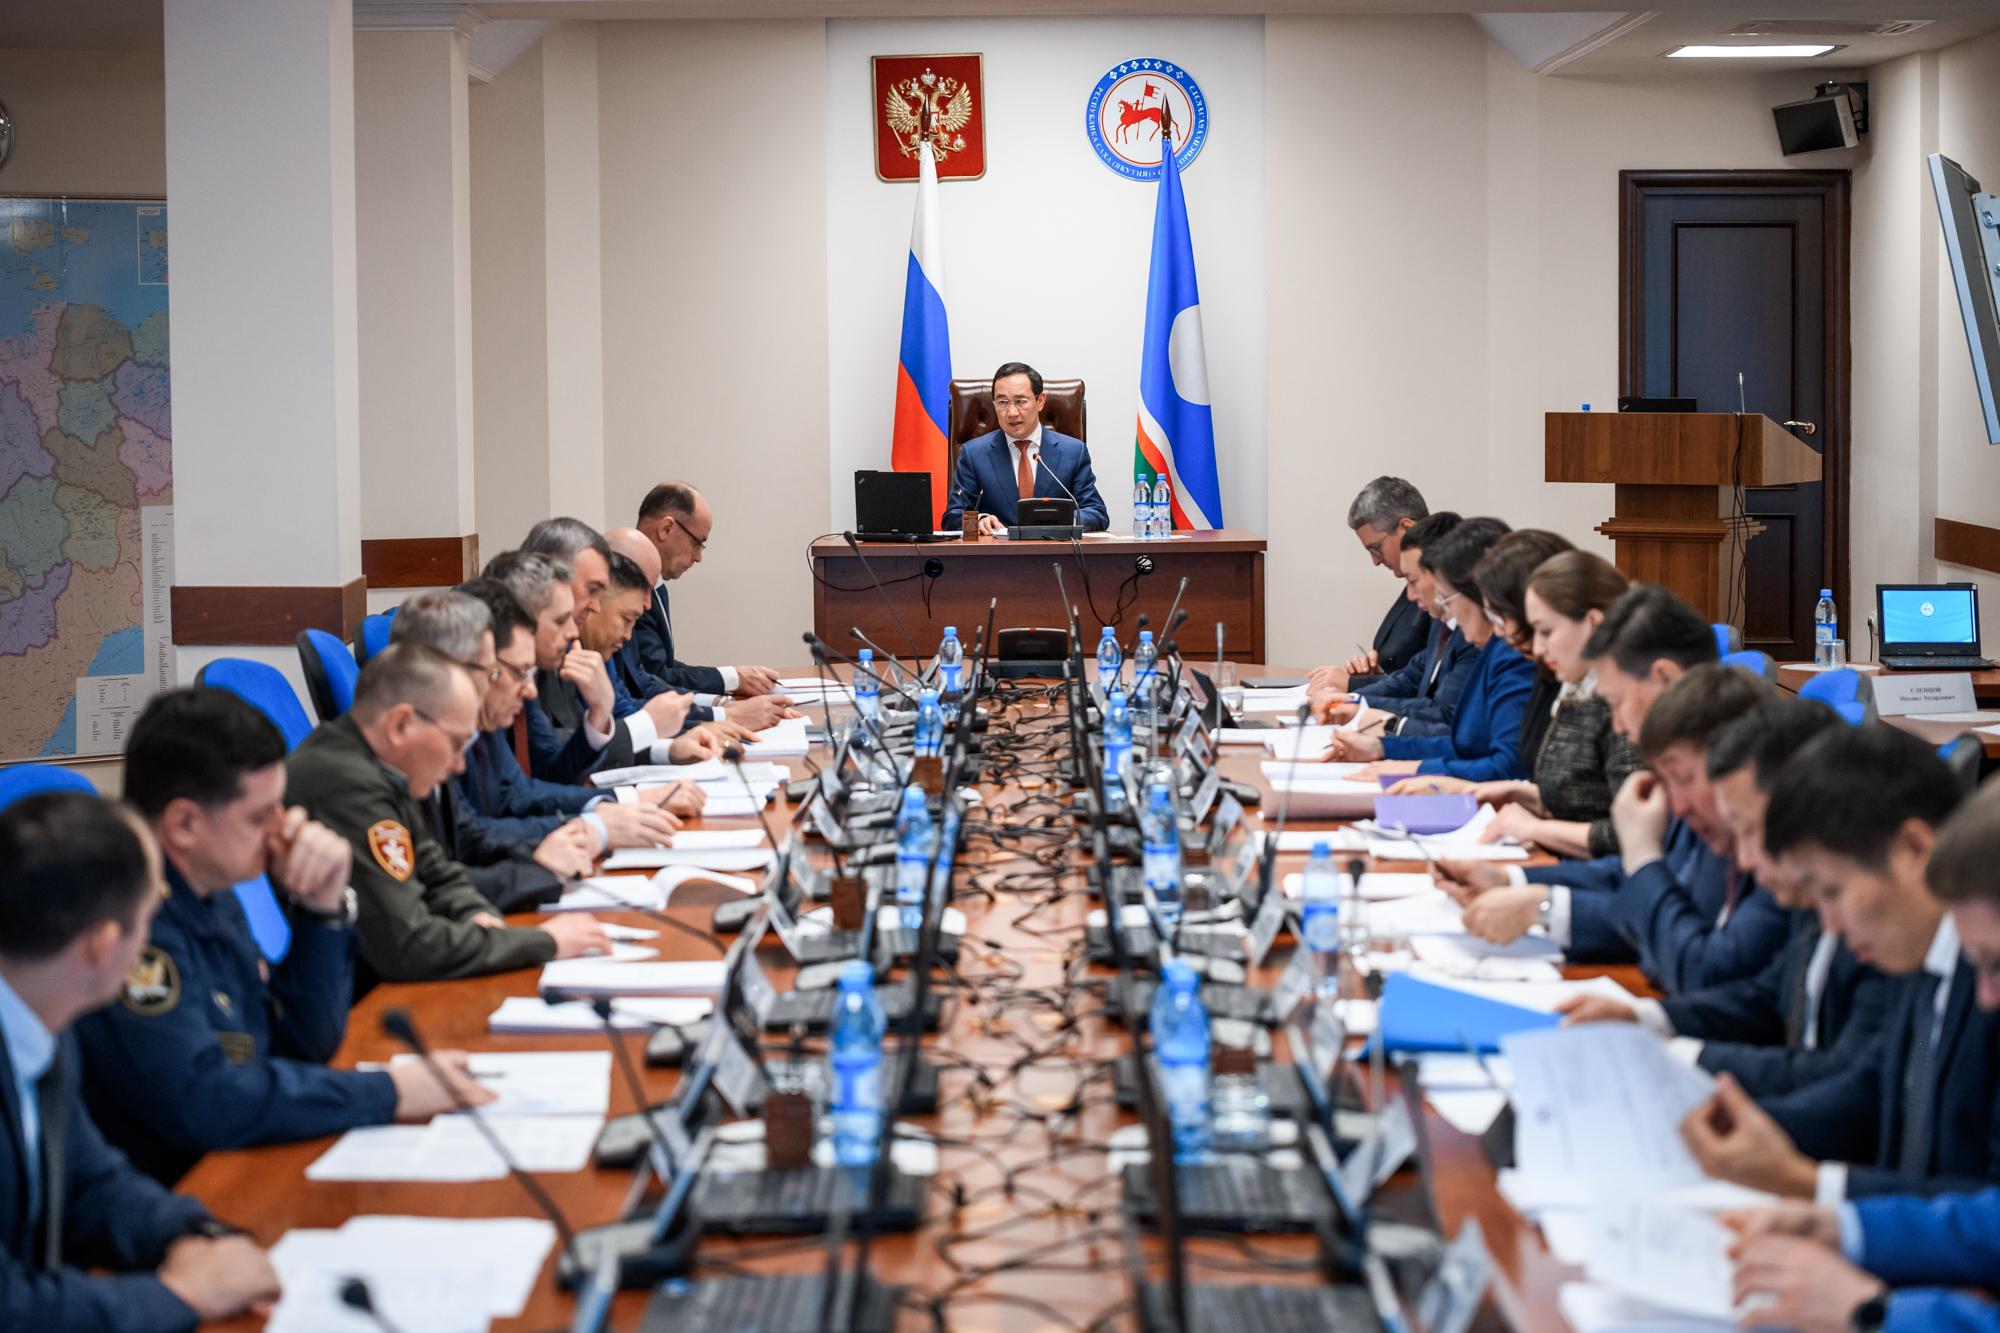 В Якутии принят комплексный план противодействия идеологии терроризма на 2019-2023 годы